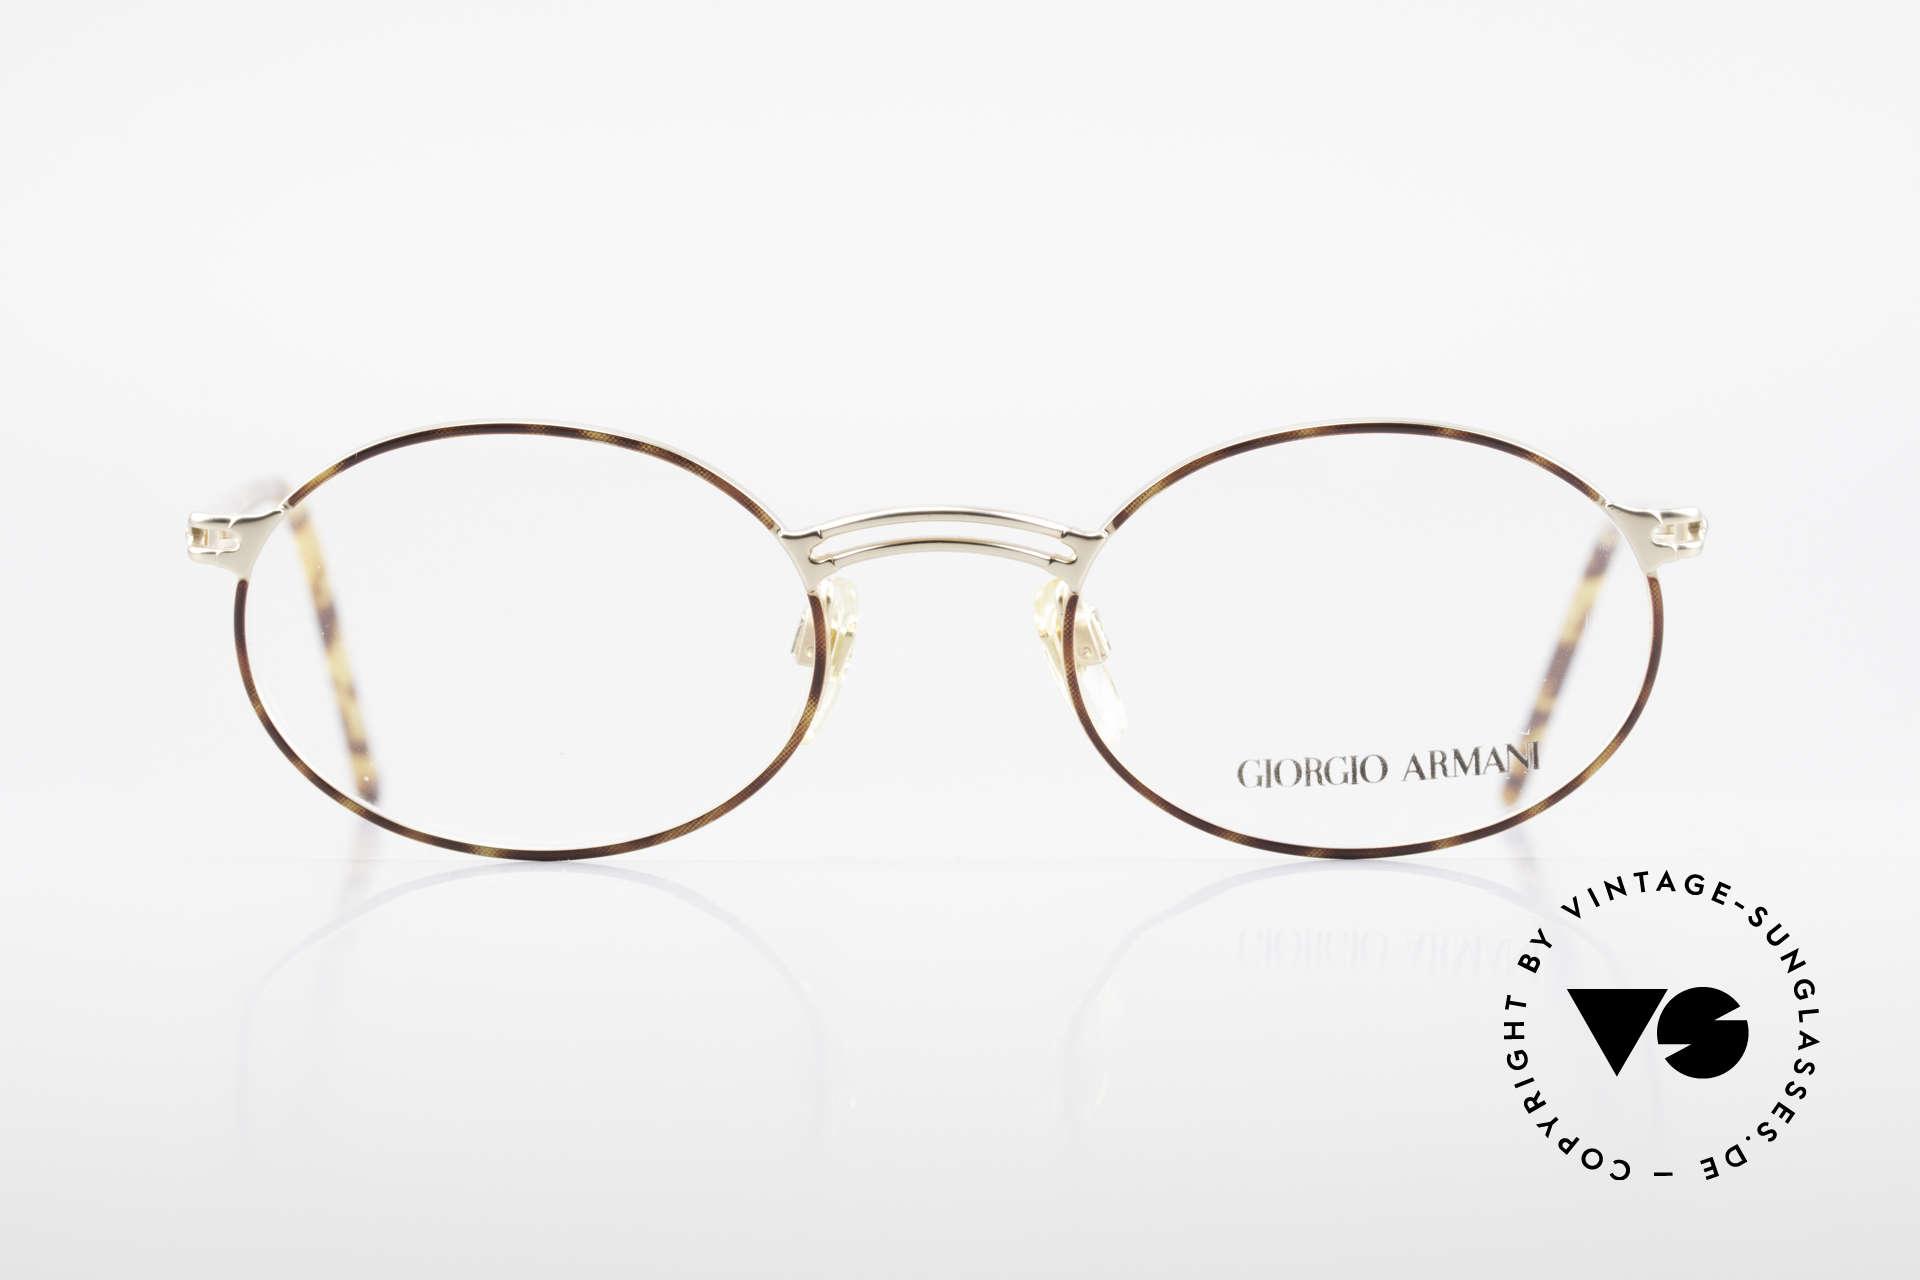 Giorgio Armani 194 Vintage Fassung No Retro Oval, klassische, ovale Brillenform - zeitloser Klassiker!, Passend für Herren und Damen